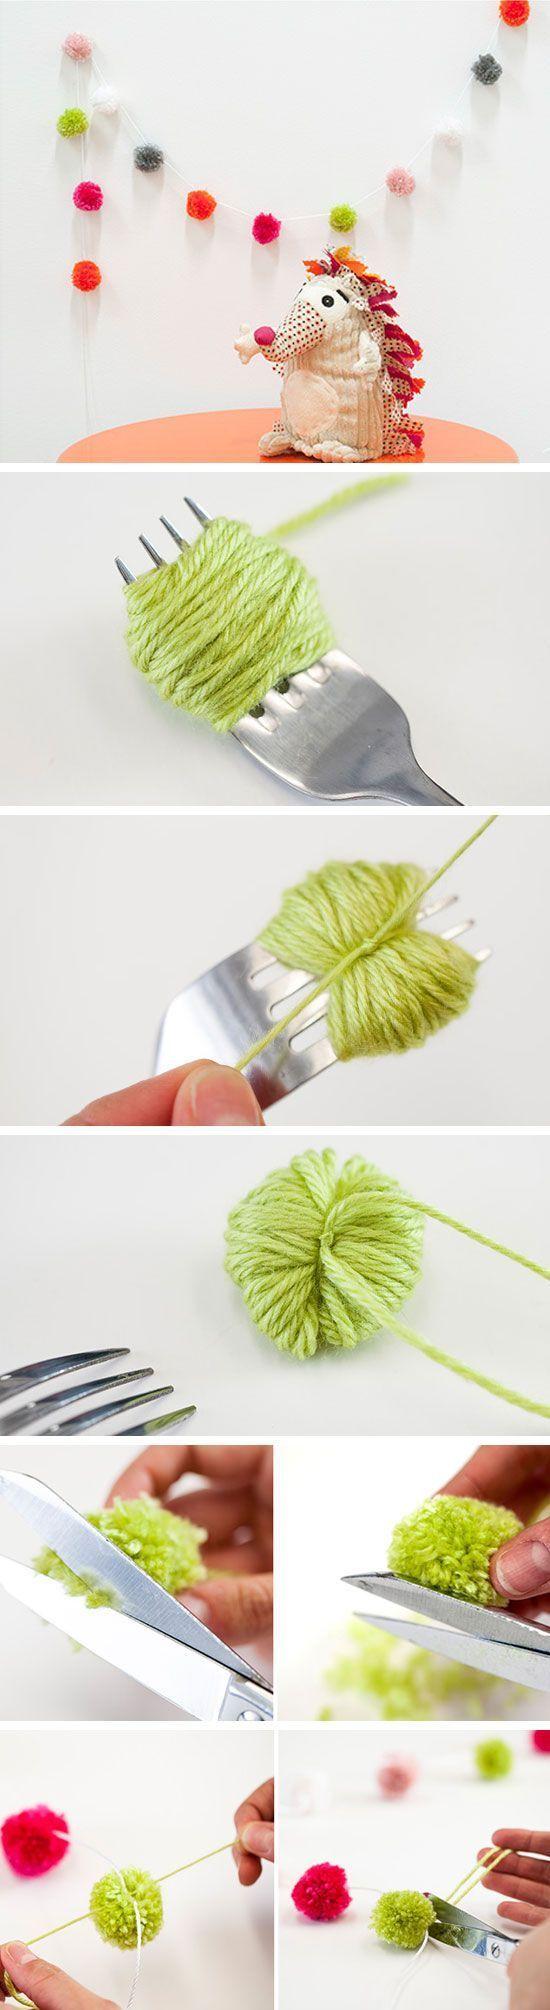 DIY Pom Pom Garland Craft idea